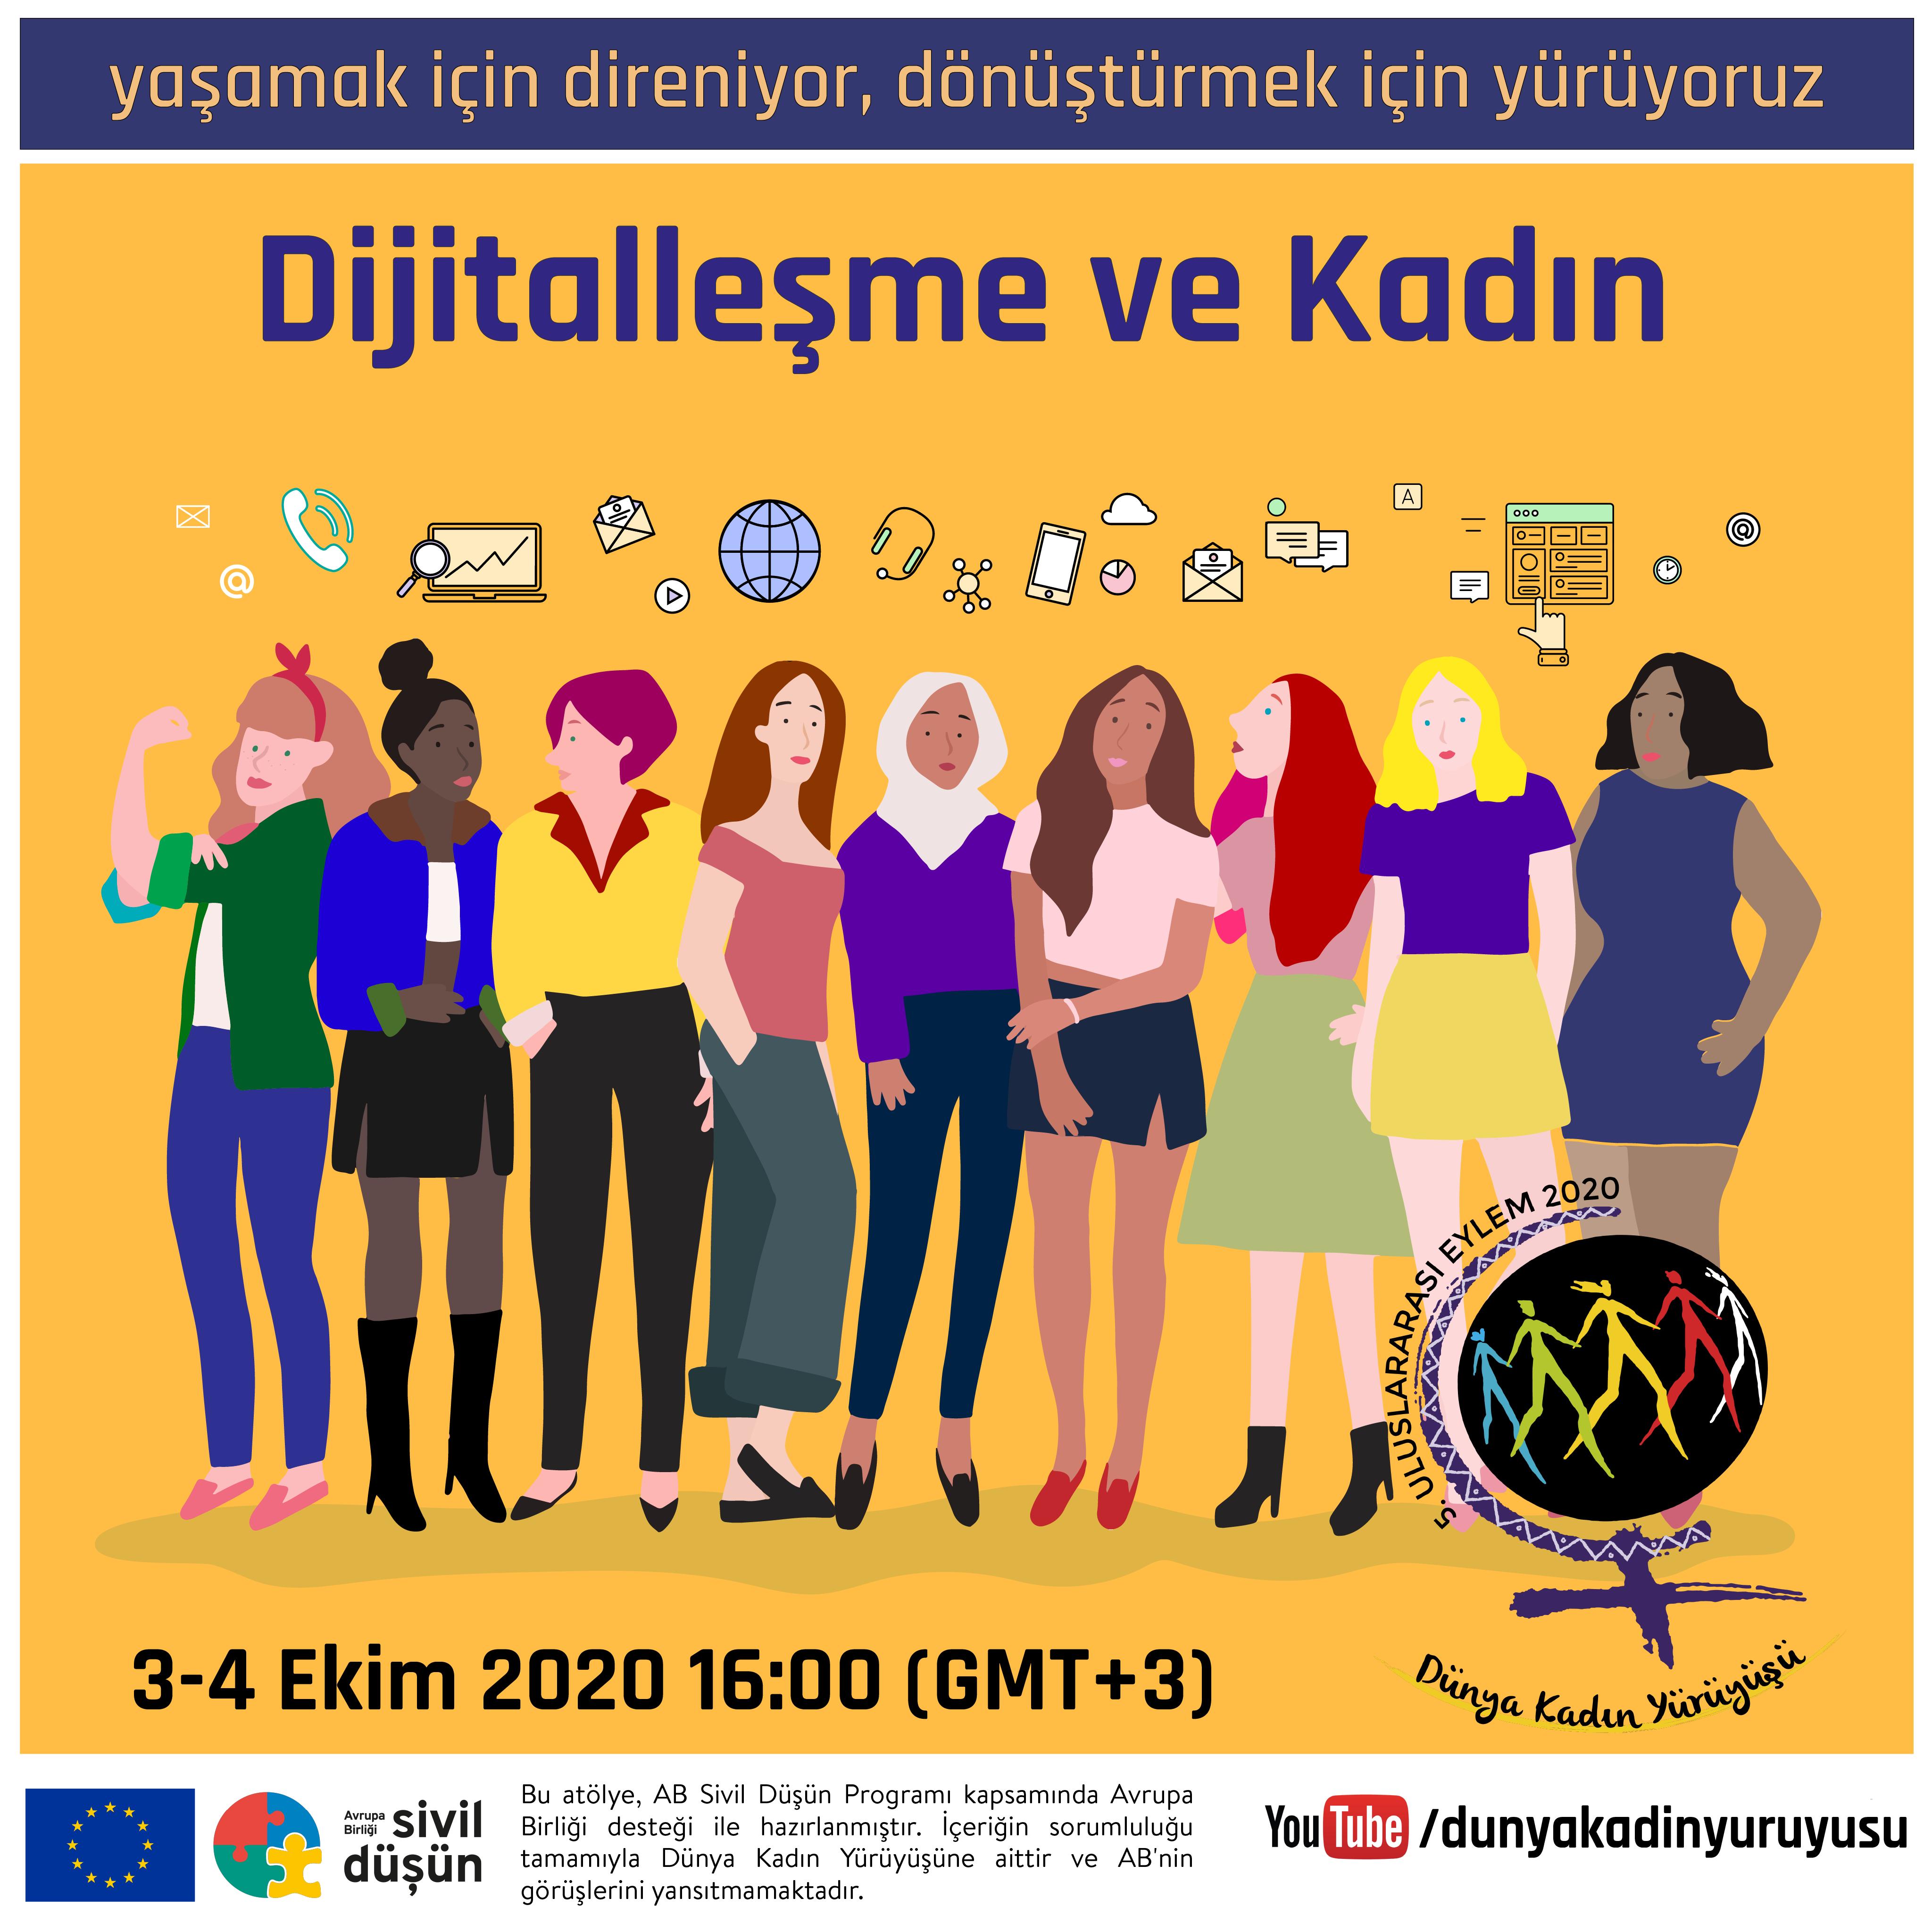 3-4 Ekim Uluslararası Dijitalleşme ve Kadın Atölyesi